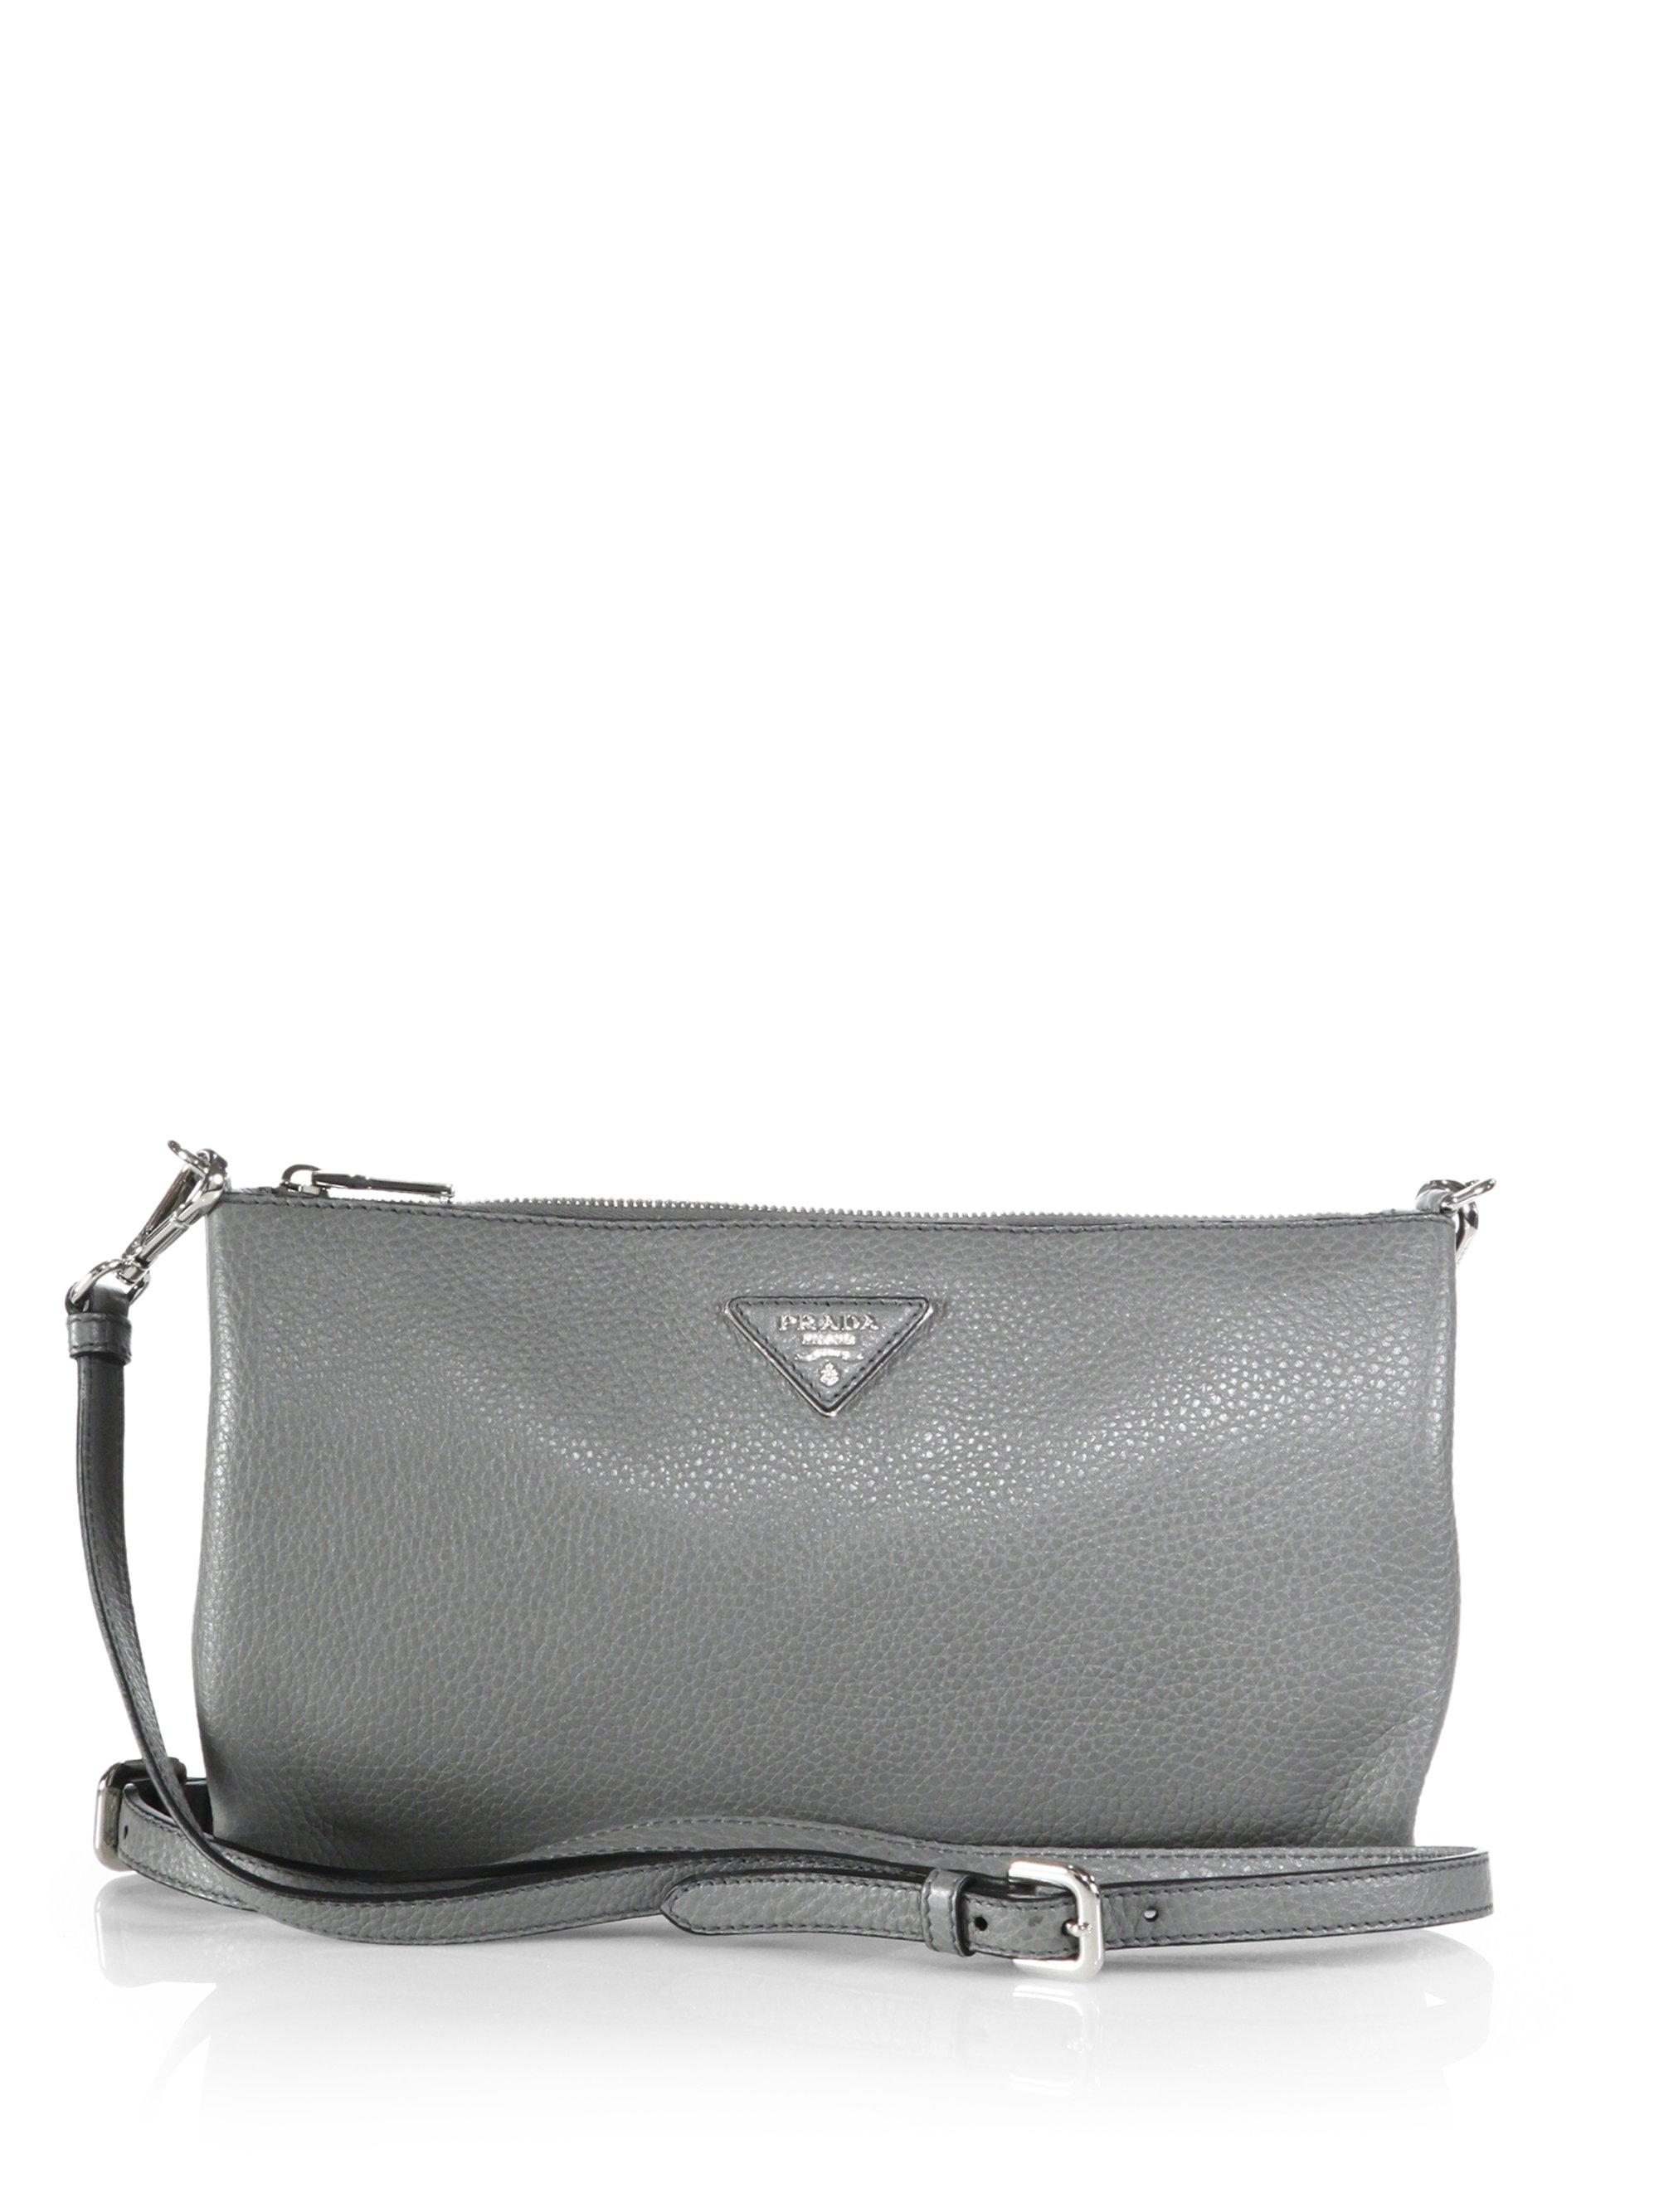 ade9e468e4b7 Prada Daino Small Leather Crossbody Bag